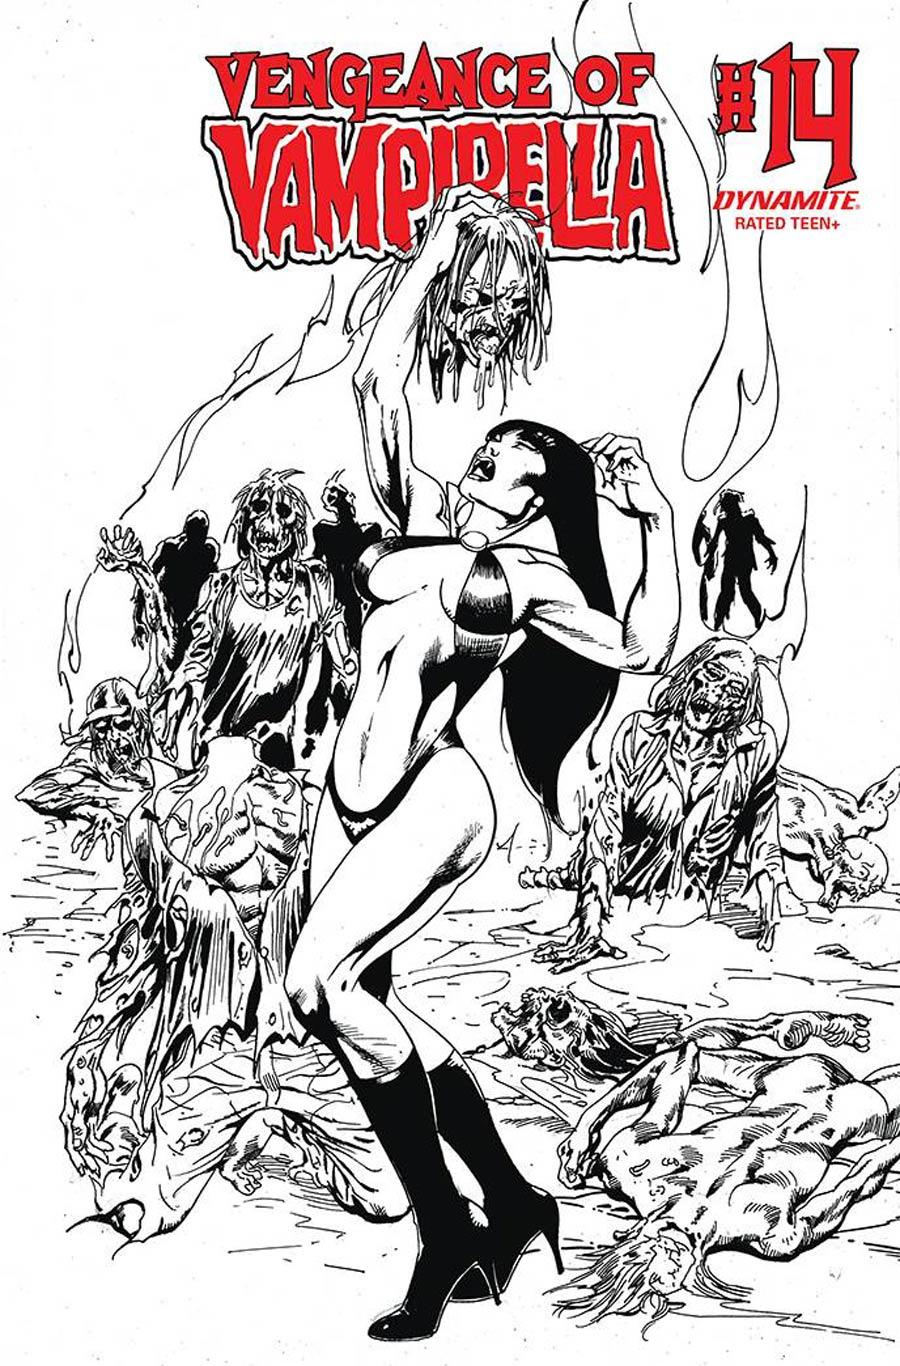 Vengeance Of Vampirella Vol 2 #14 Cover G Incentive Roberto Castro Black & White Cover